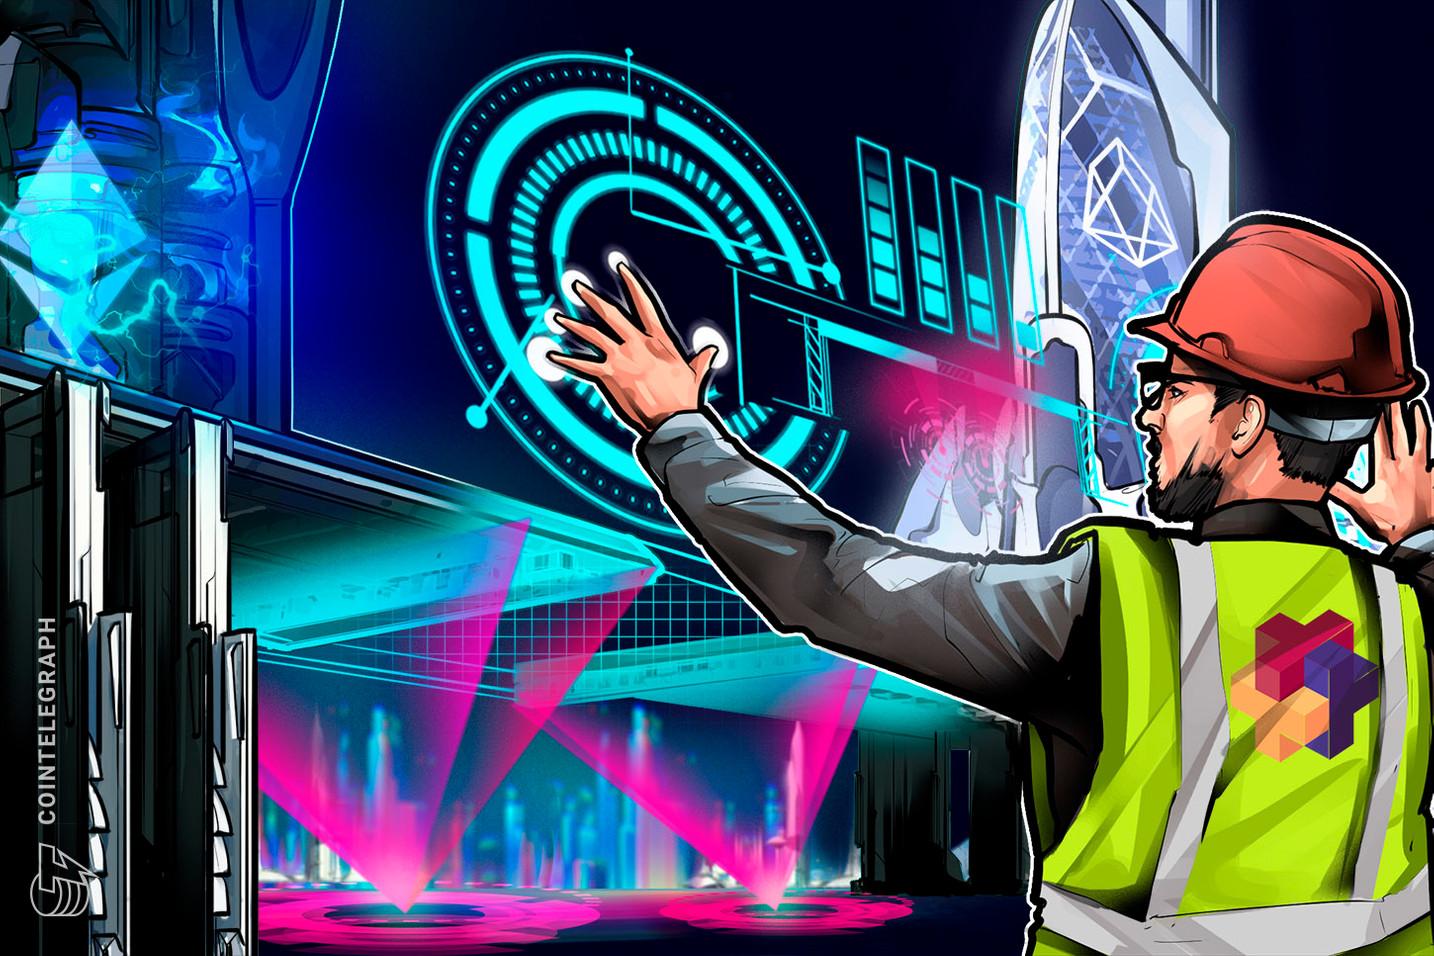 モバイルゲーム内でデジタル資産を取引できるブロックチェーンプラットフォーム